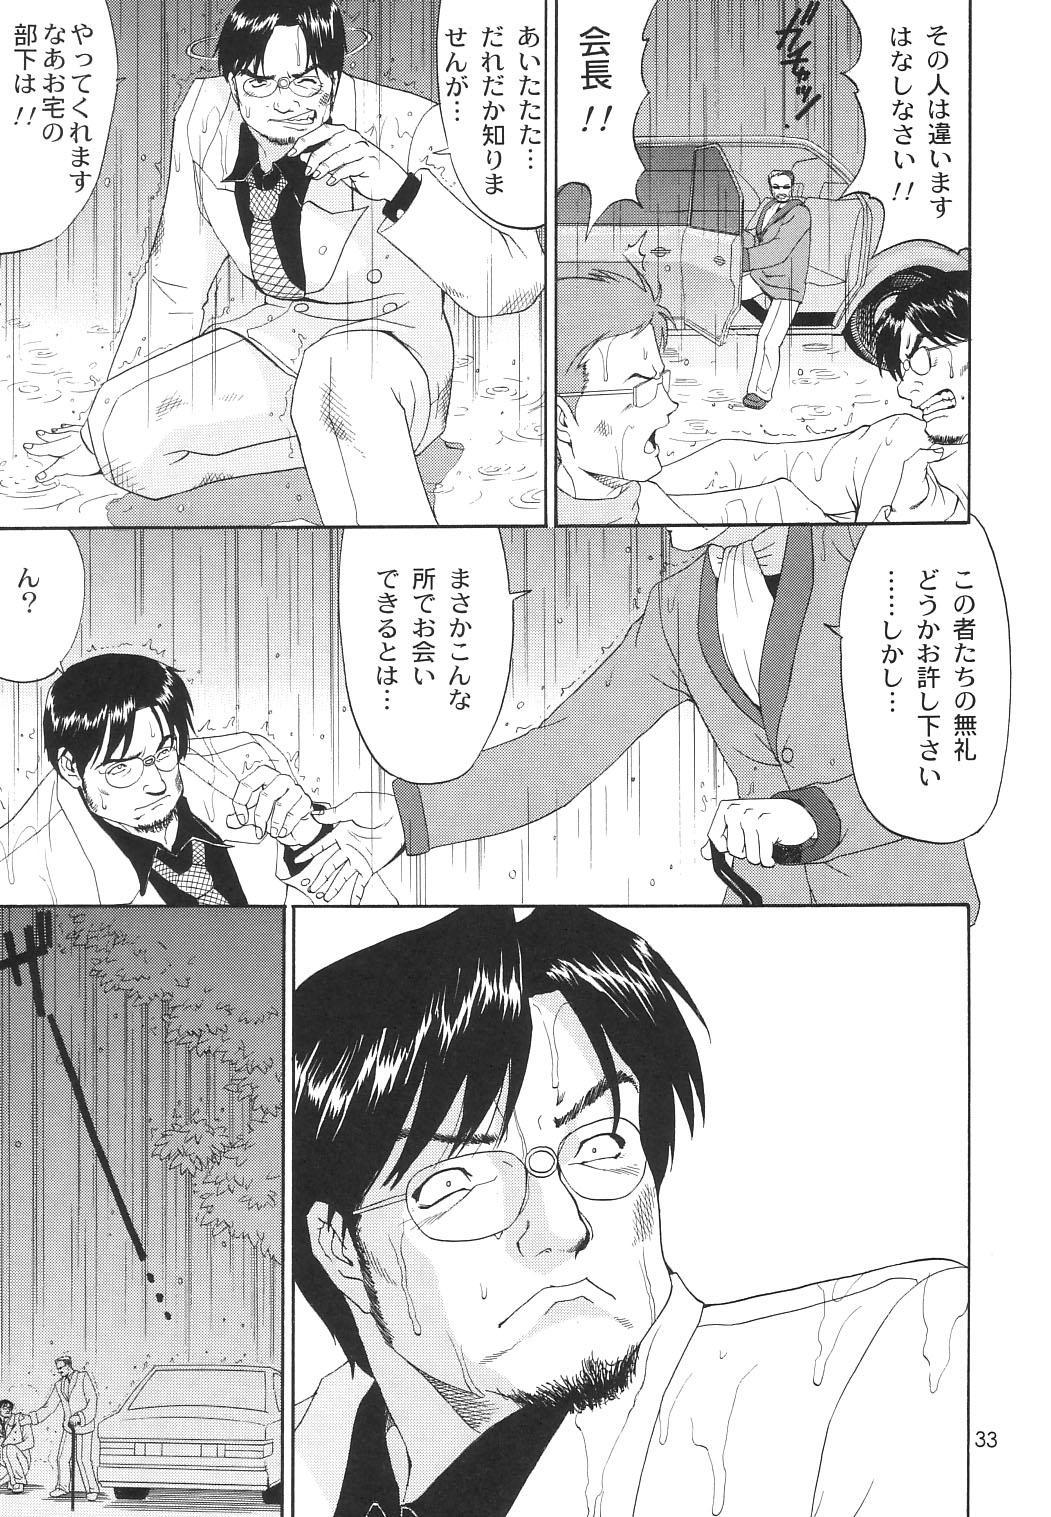 Boku no Seinen Kouken-nin 6 31